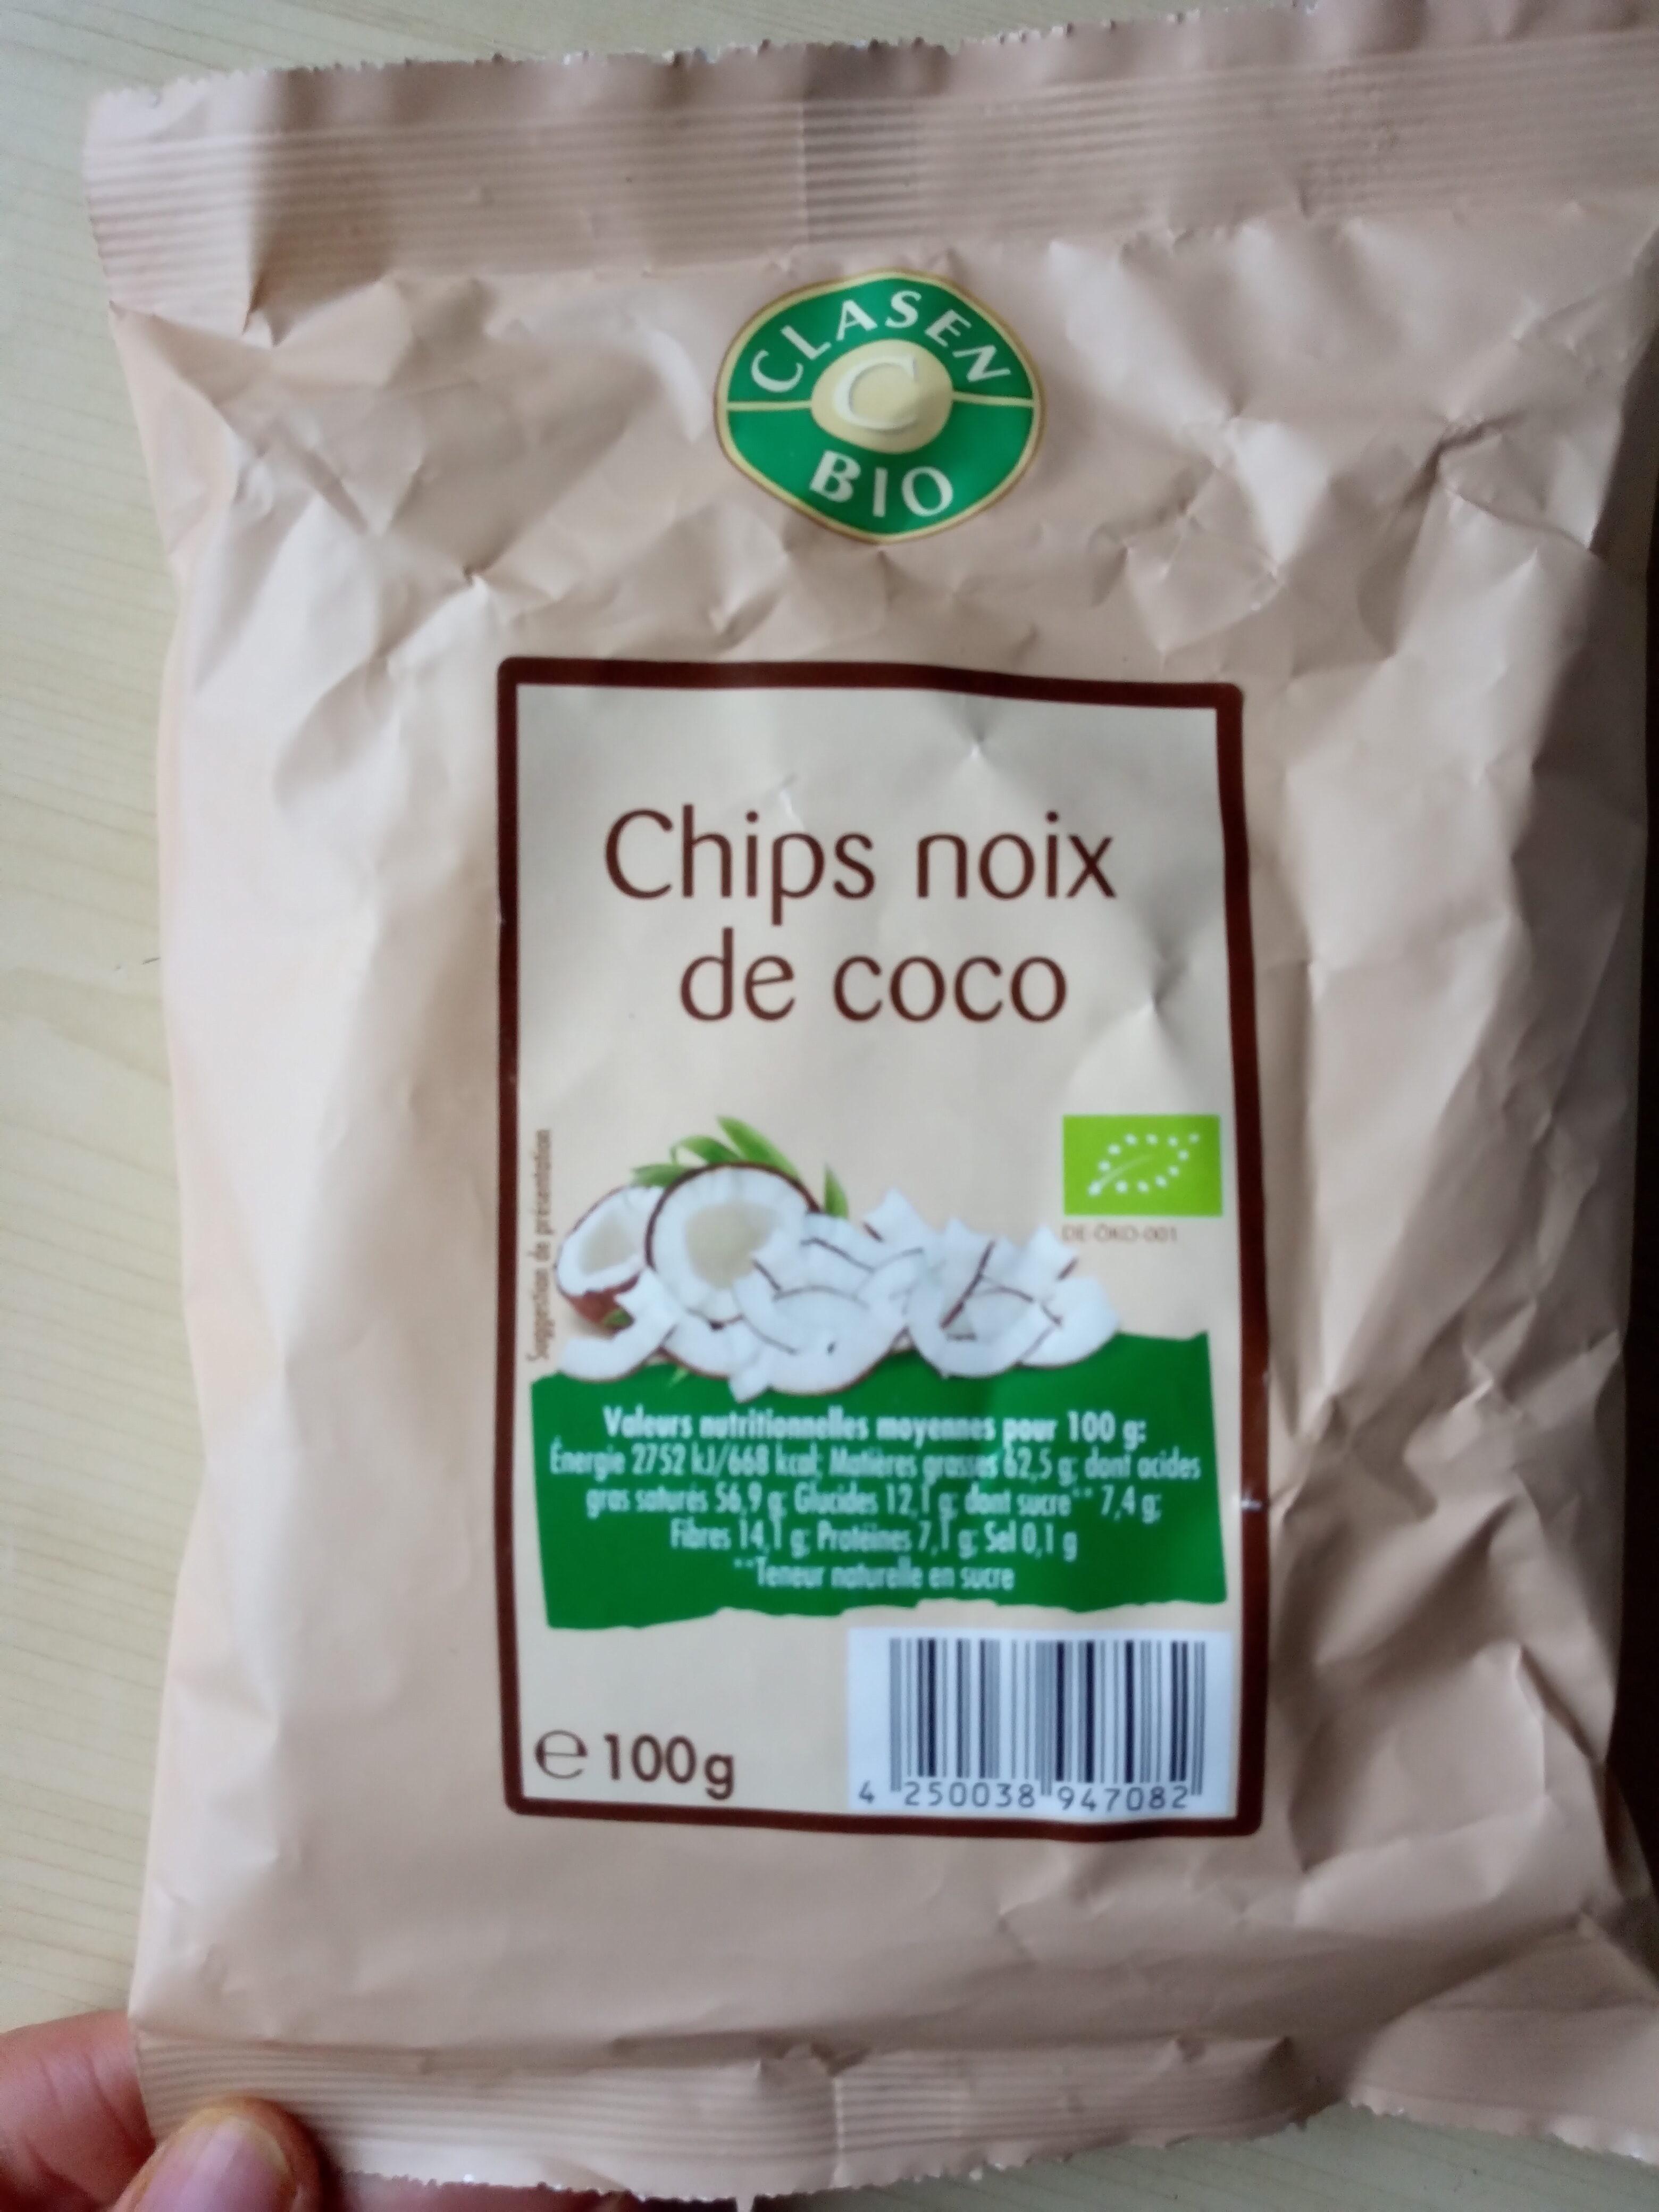 Chips noix de coco - Produit - fr